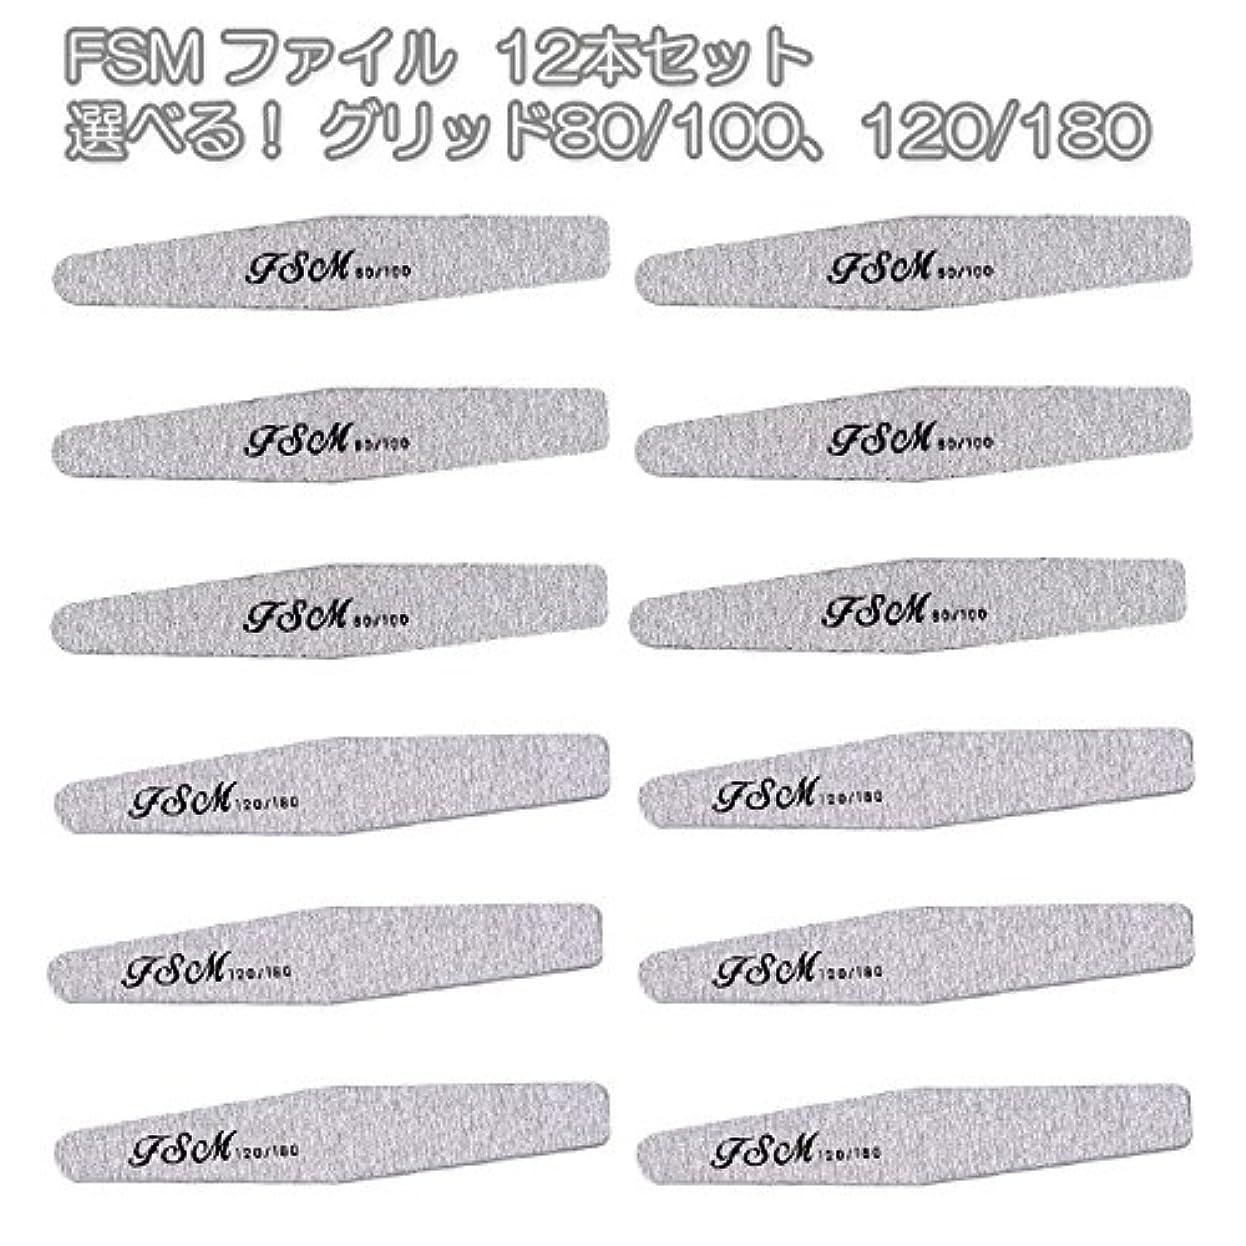 艶有限ダイジェストFSM ネイルファイル/バッファー12本セット(選べる!グリッド80/100、120/180) (G80/100の12本)